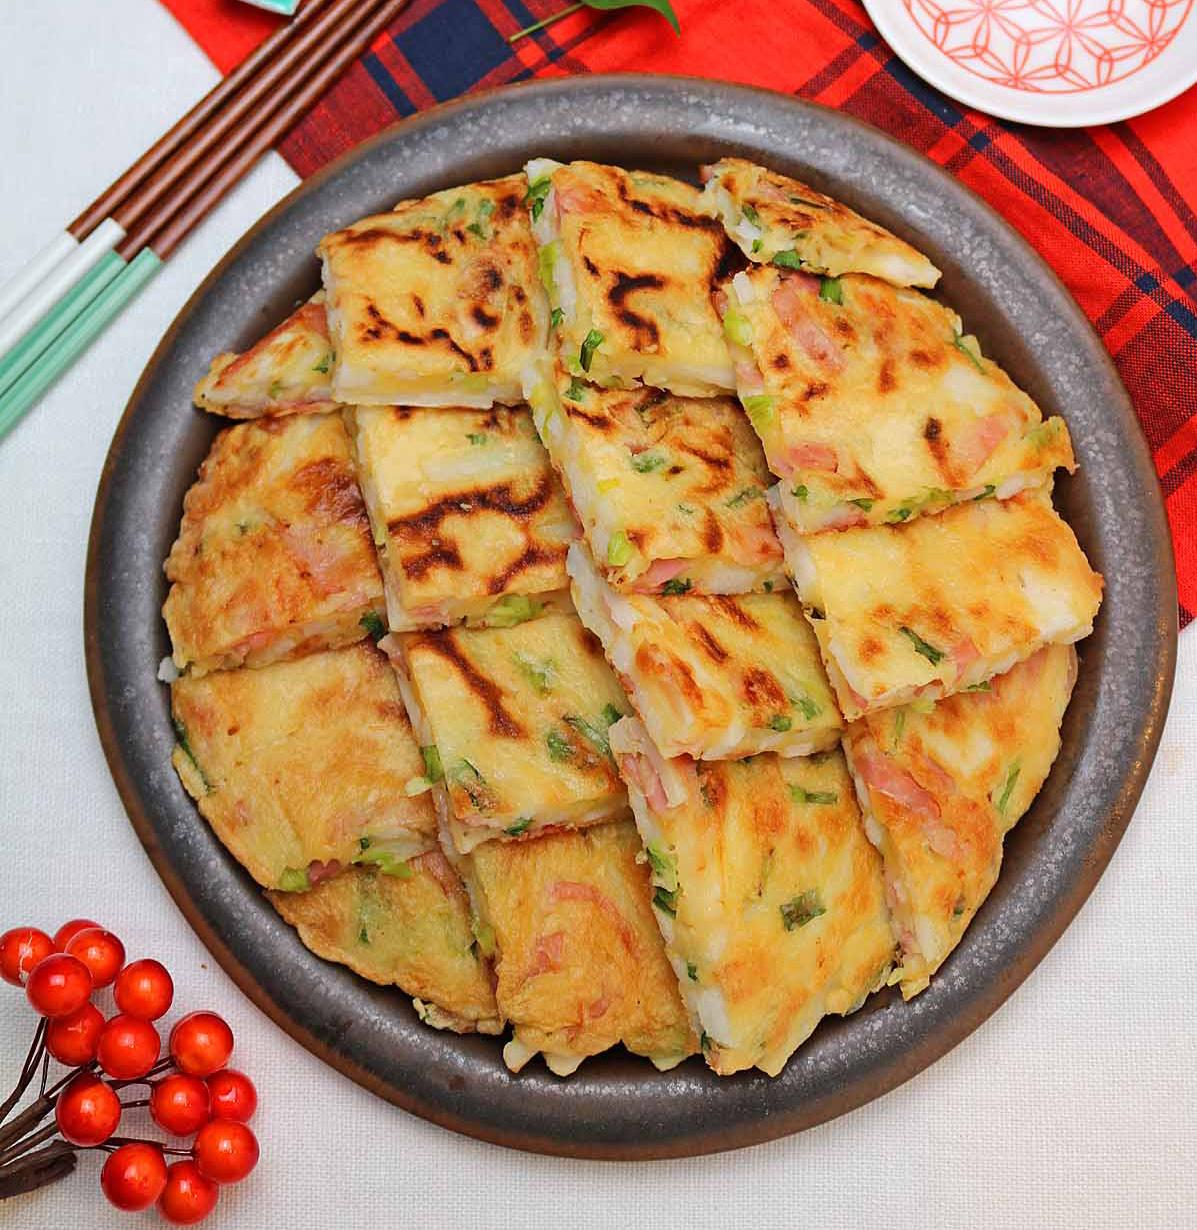 秋のおうち居酒屋メニューにぴったり♪「長芋とベーコンねぎのチヂミ」レシピ